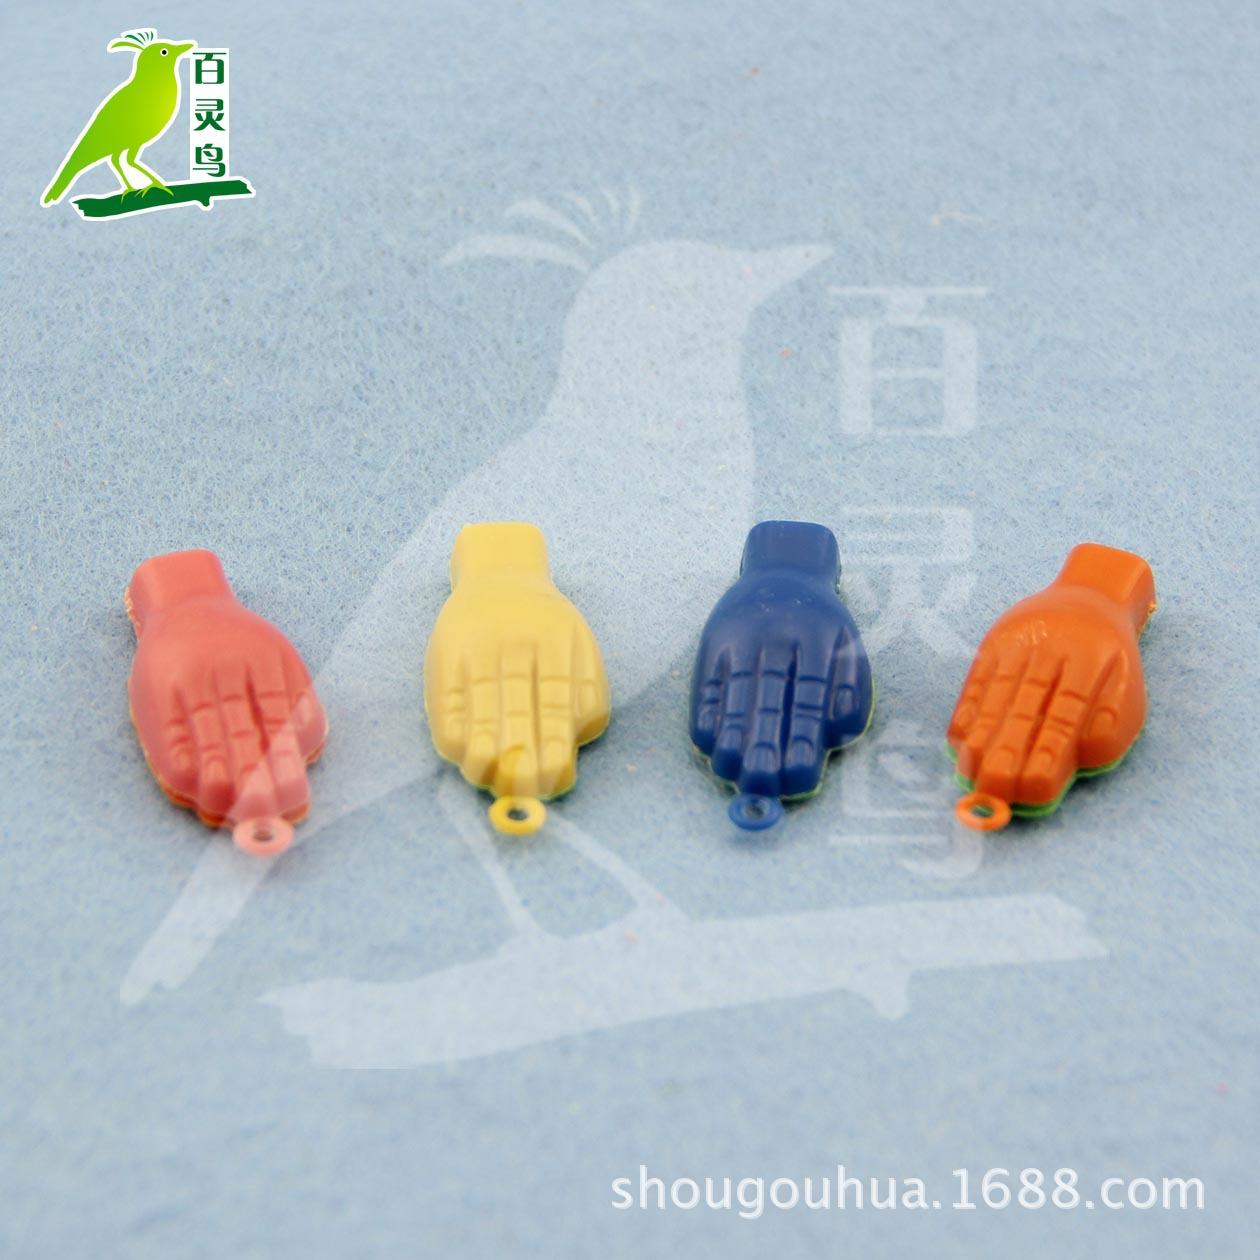 批发玩具哨子 儿童塑料口哨 手掌哨 助威哨子 儿童哨子